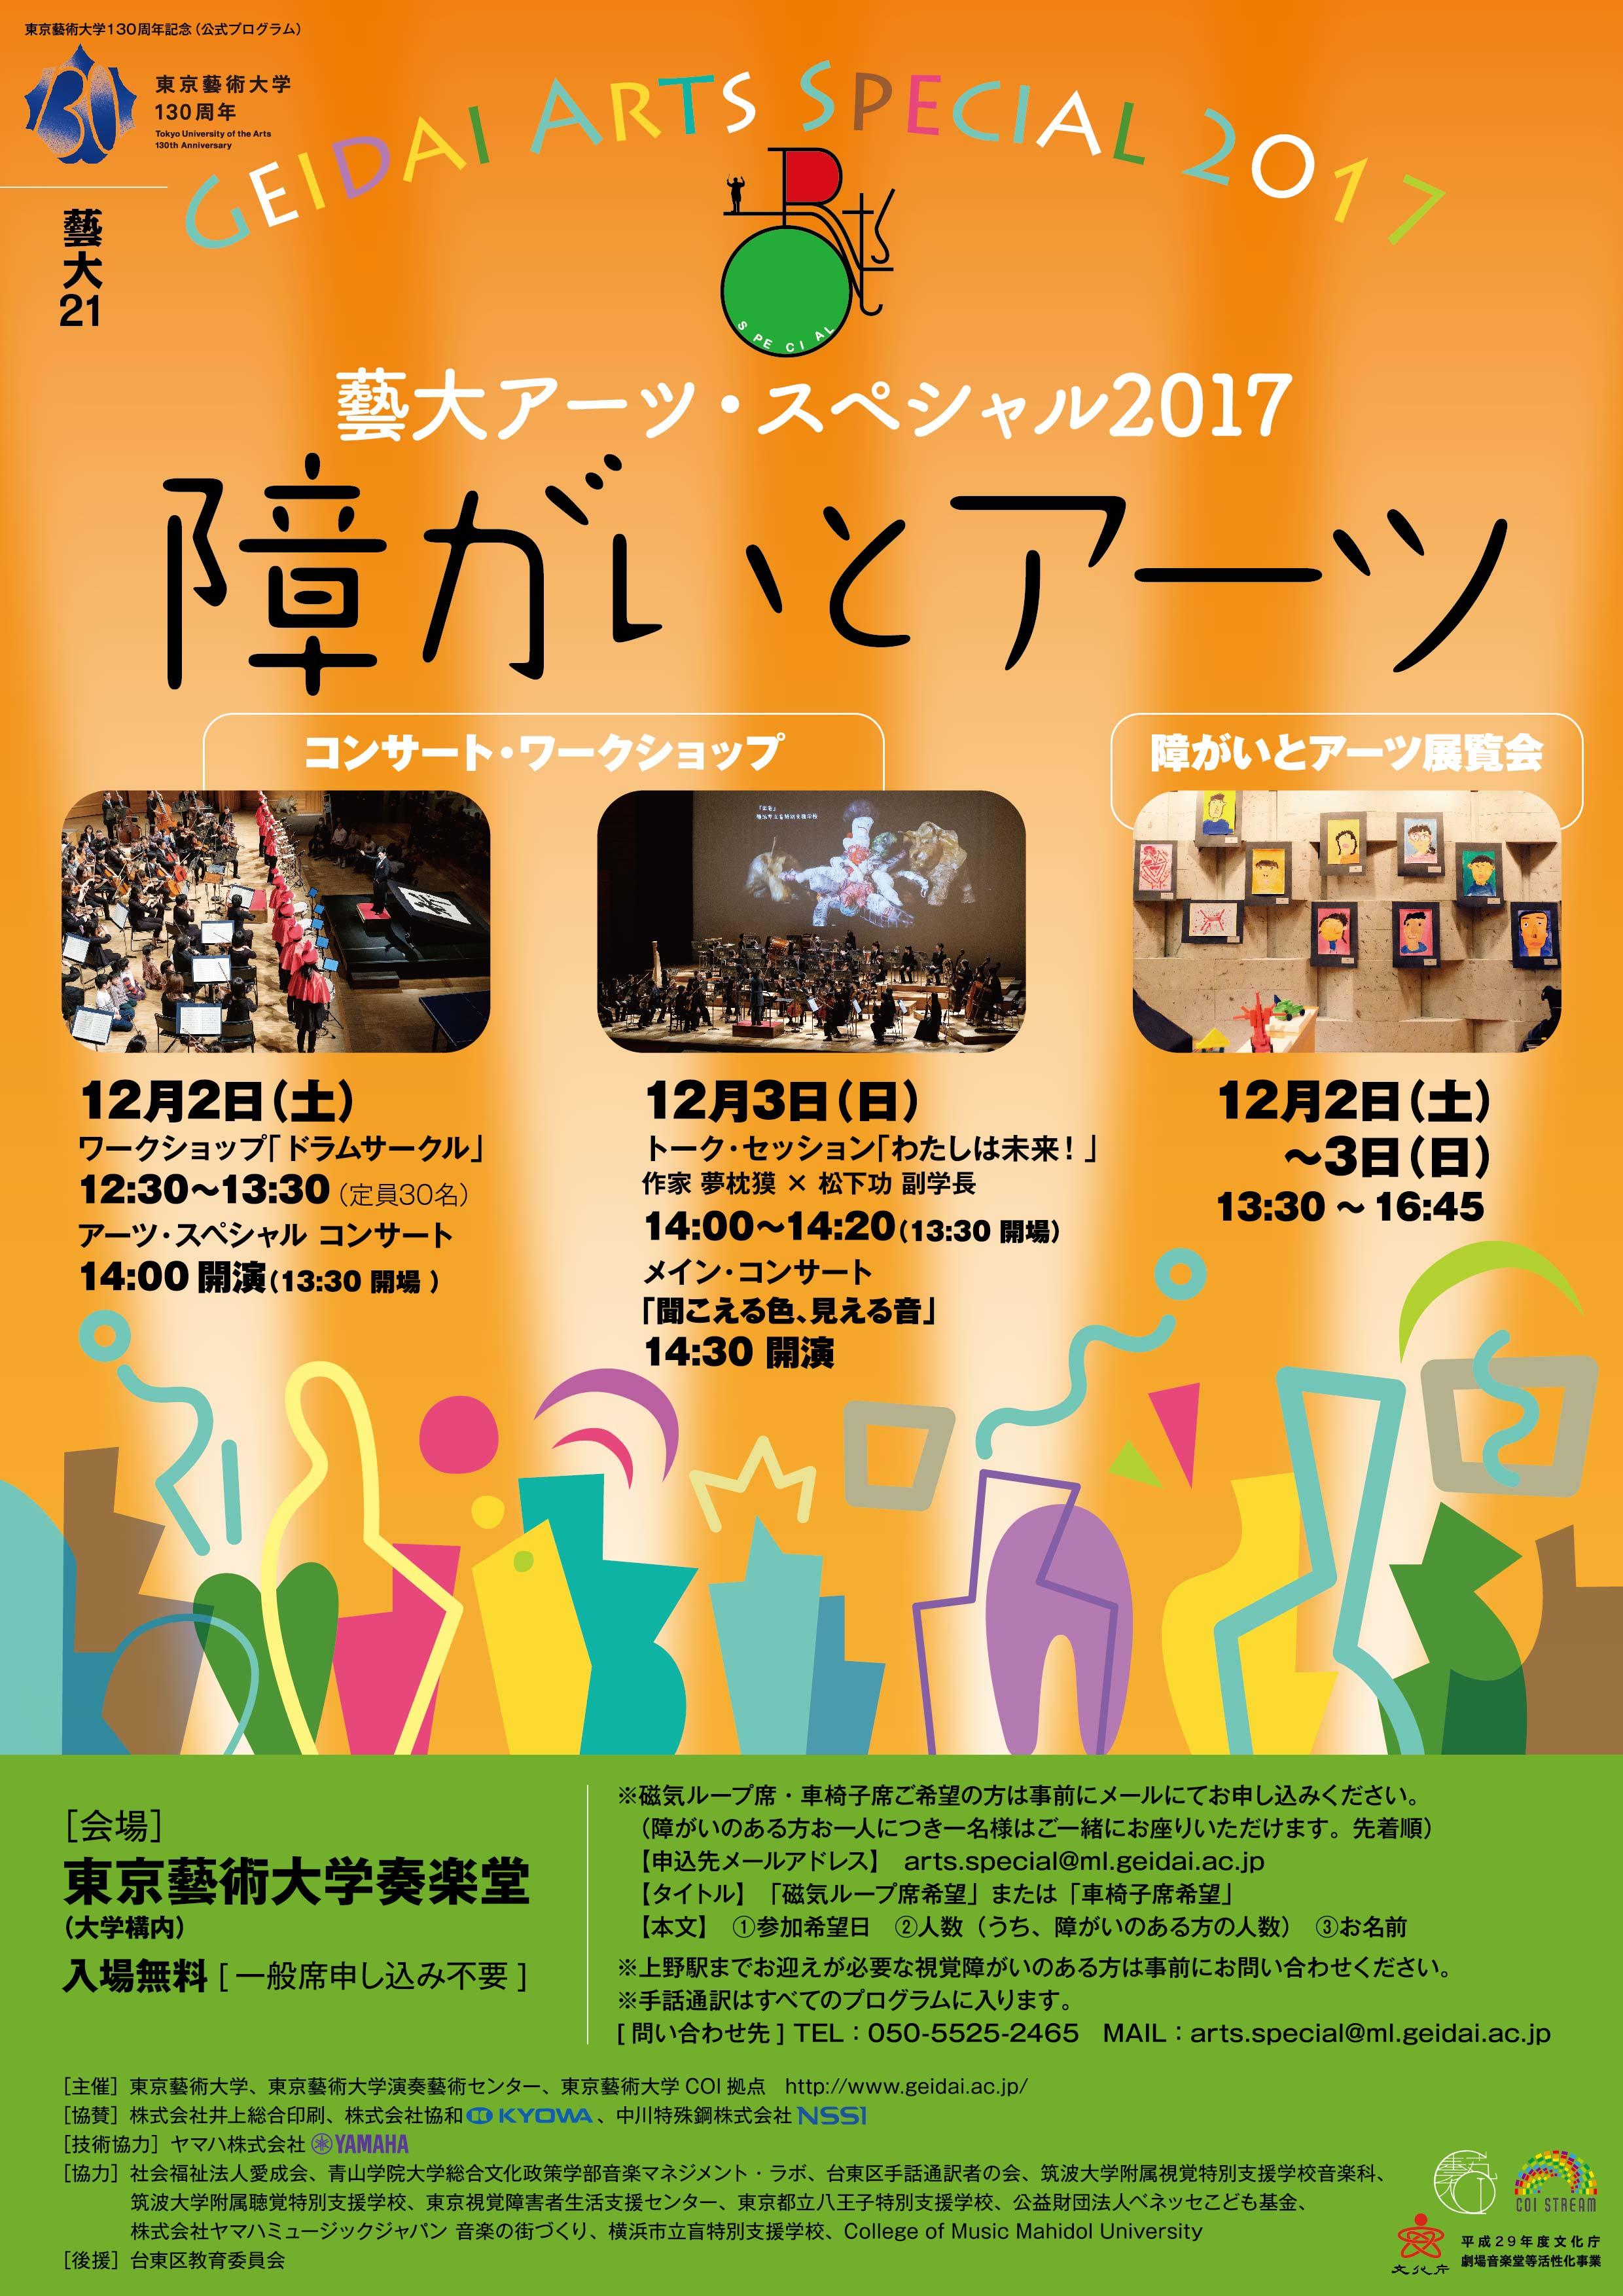 藝大21 藝大アーツ・スペシャル2017 障がいとアーツ